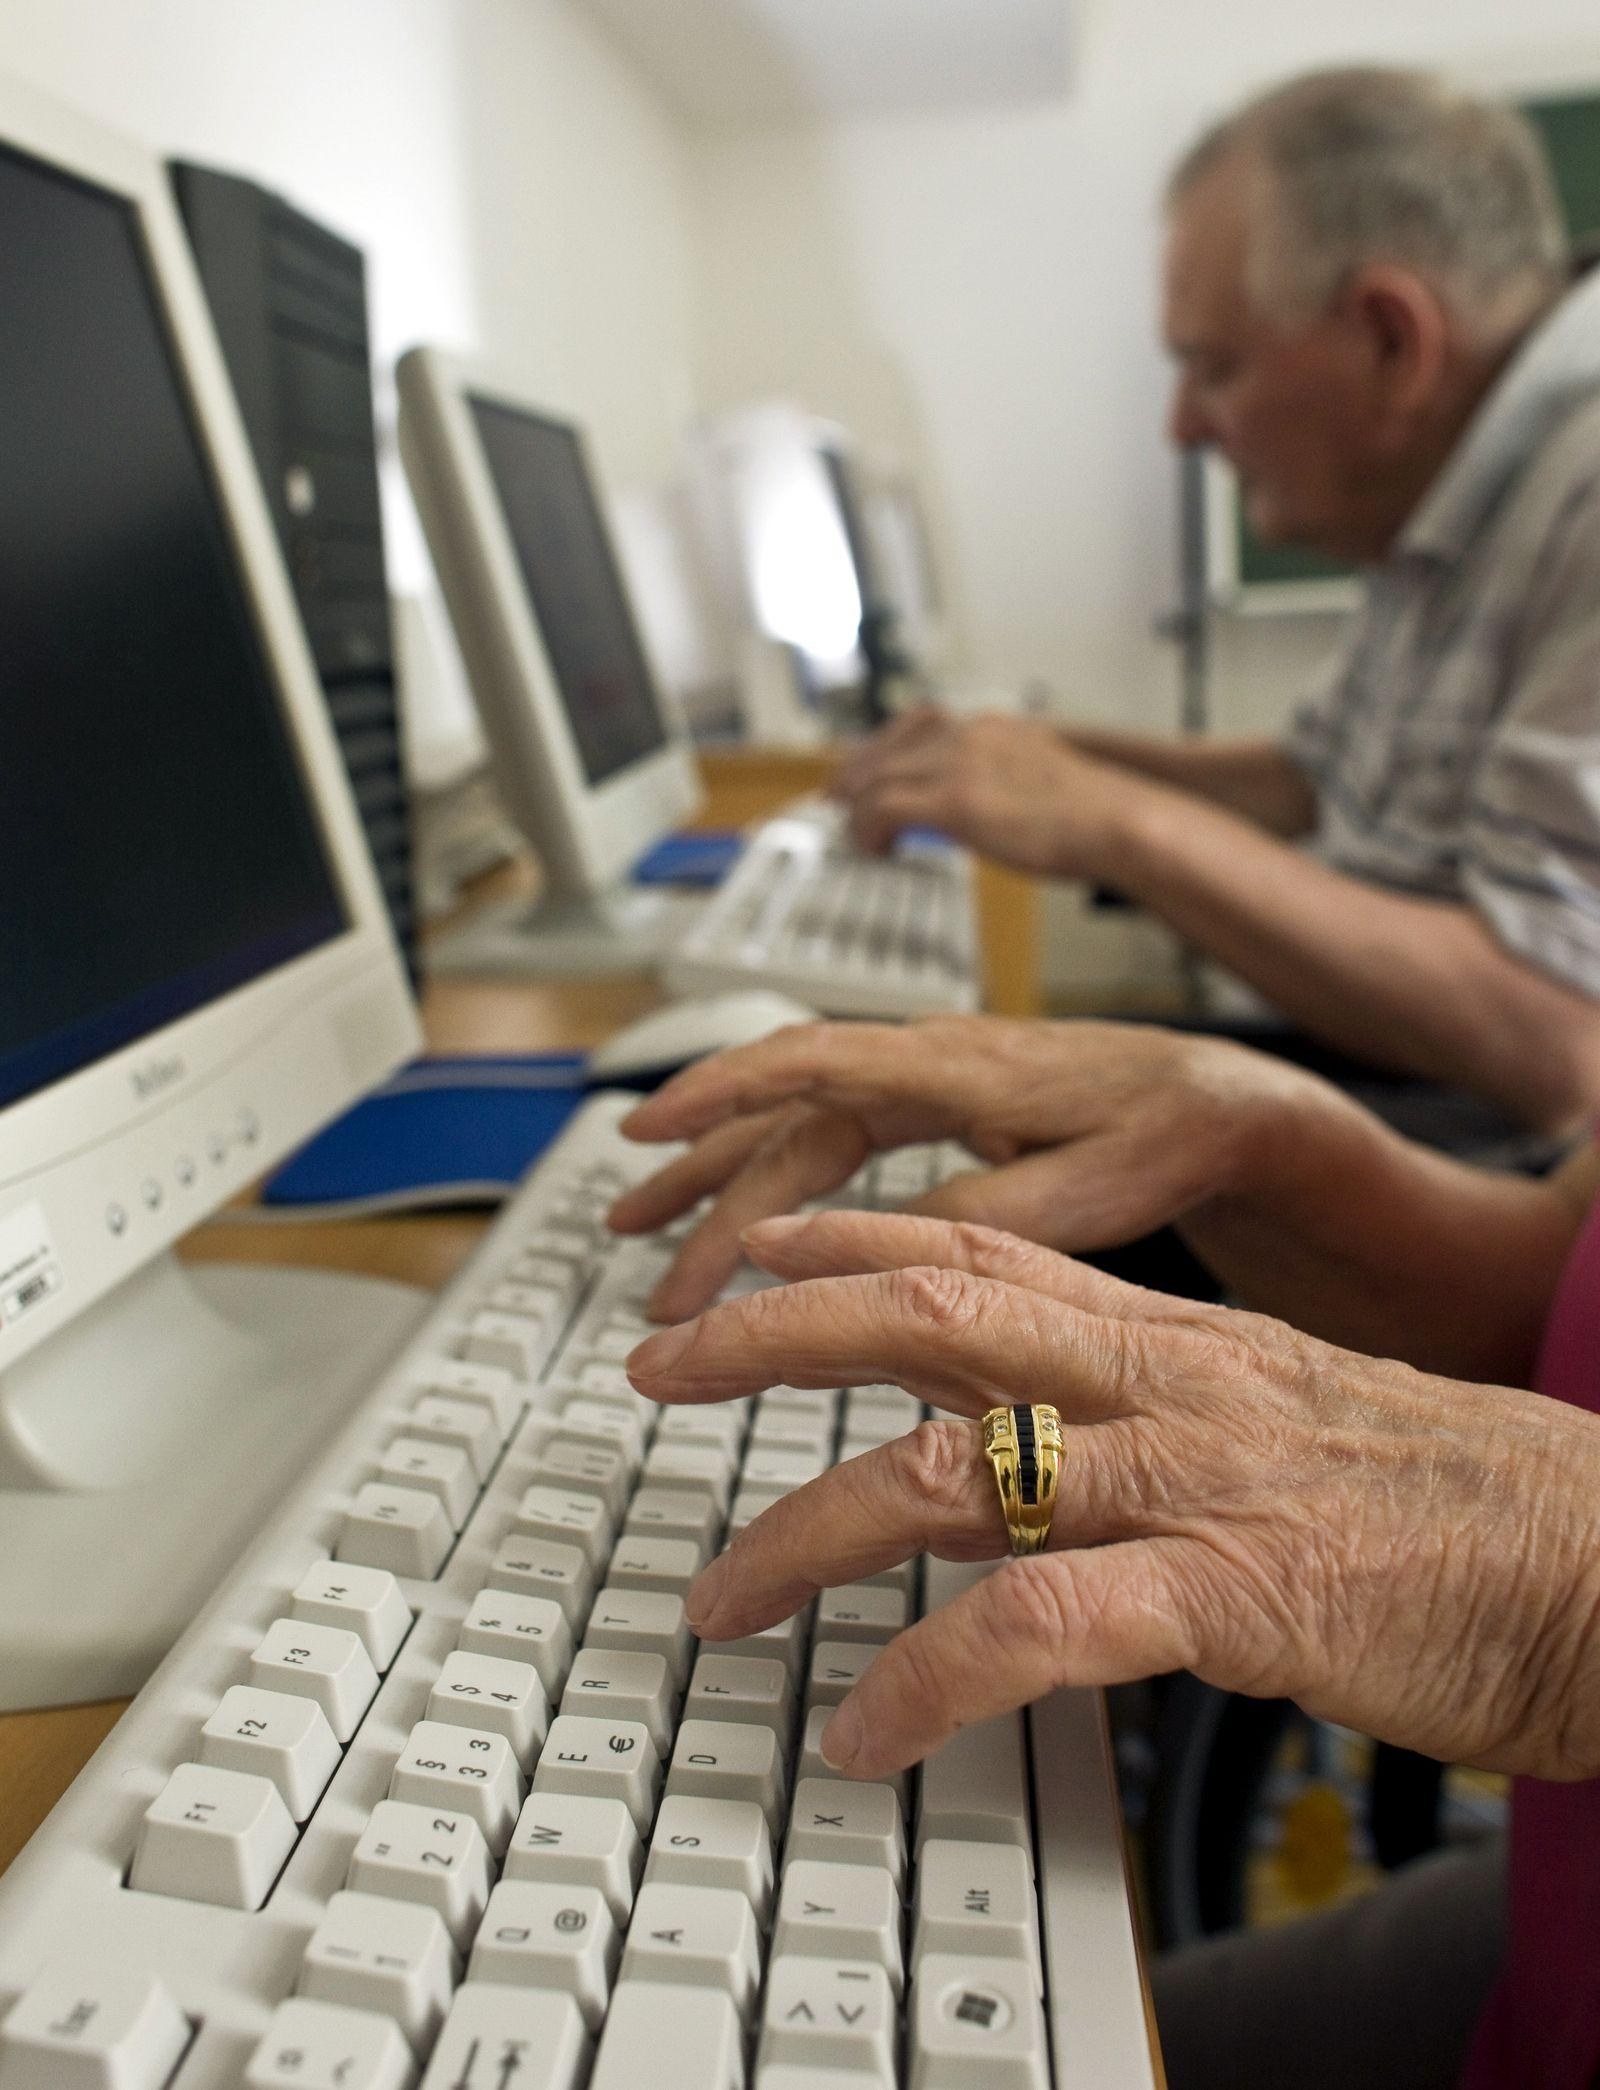 NUR FÜR SPAM Senioren entdecken soziale Netzwerke für sich